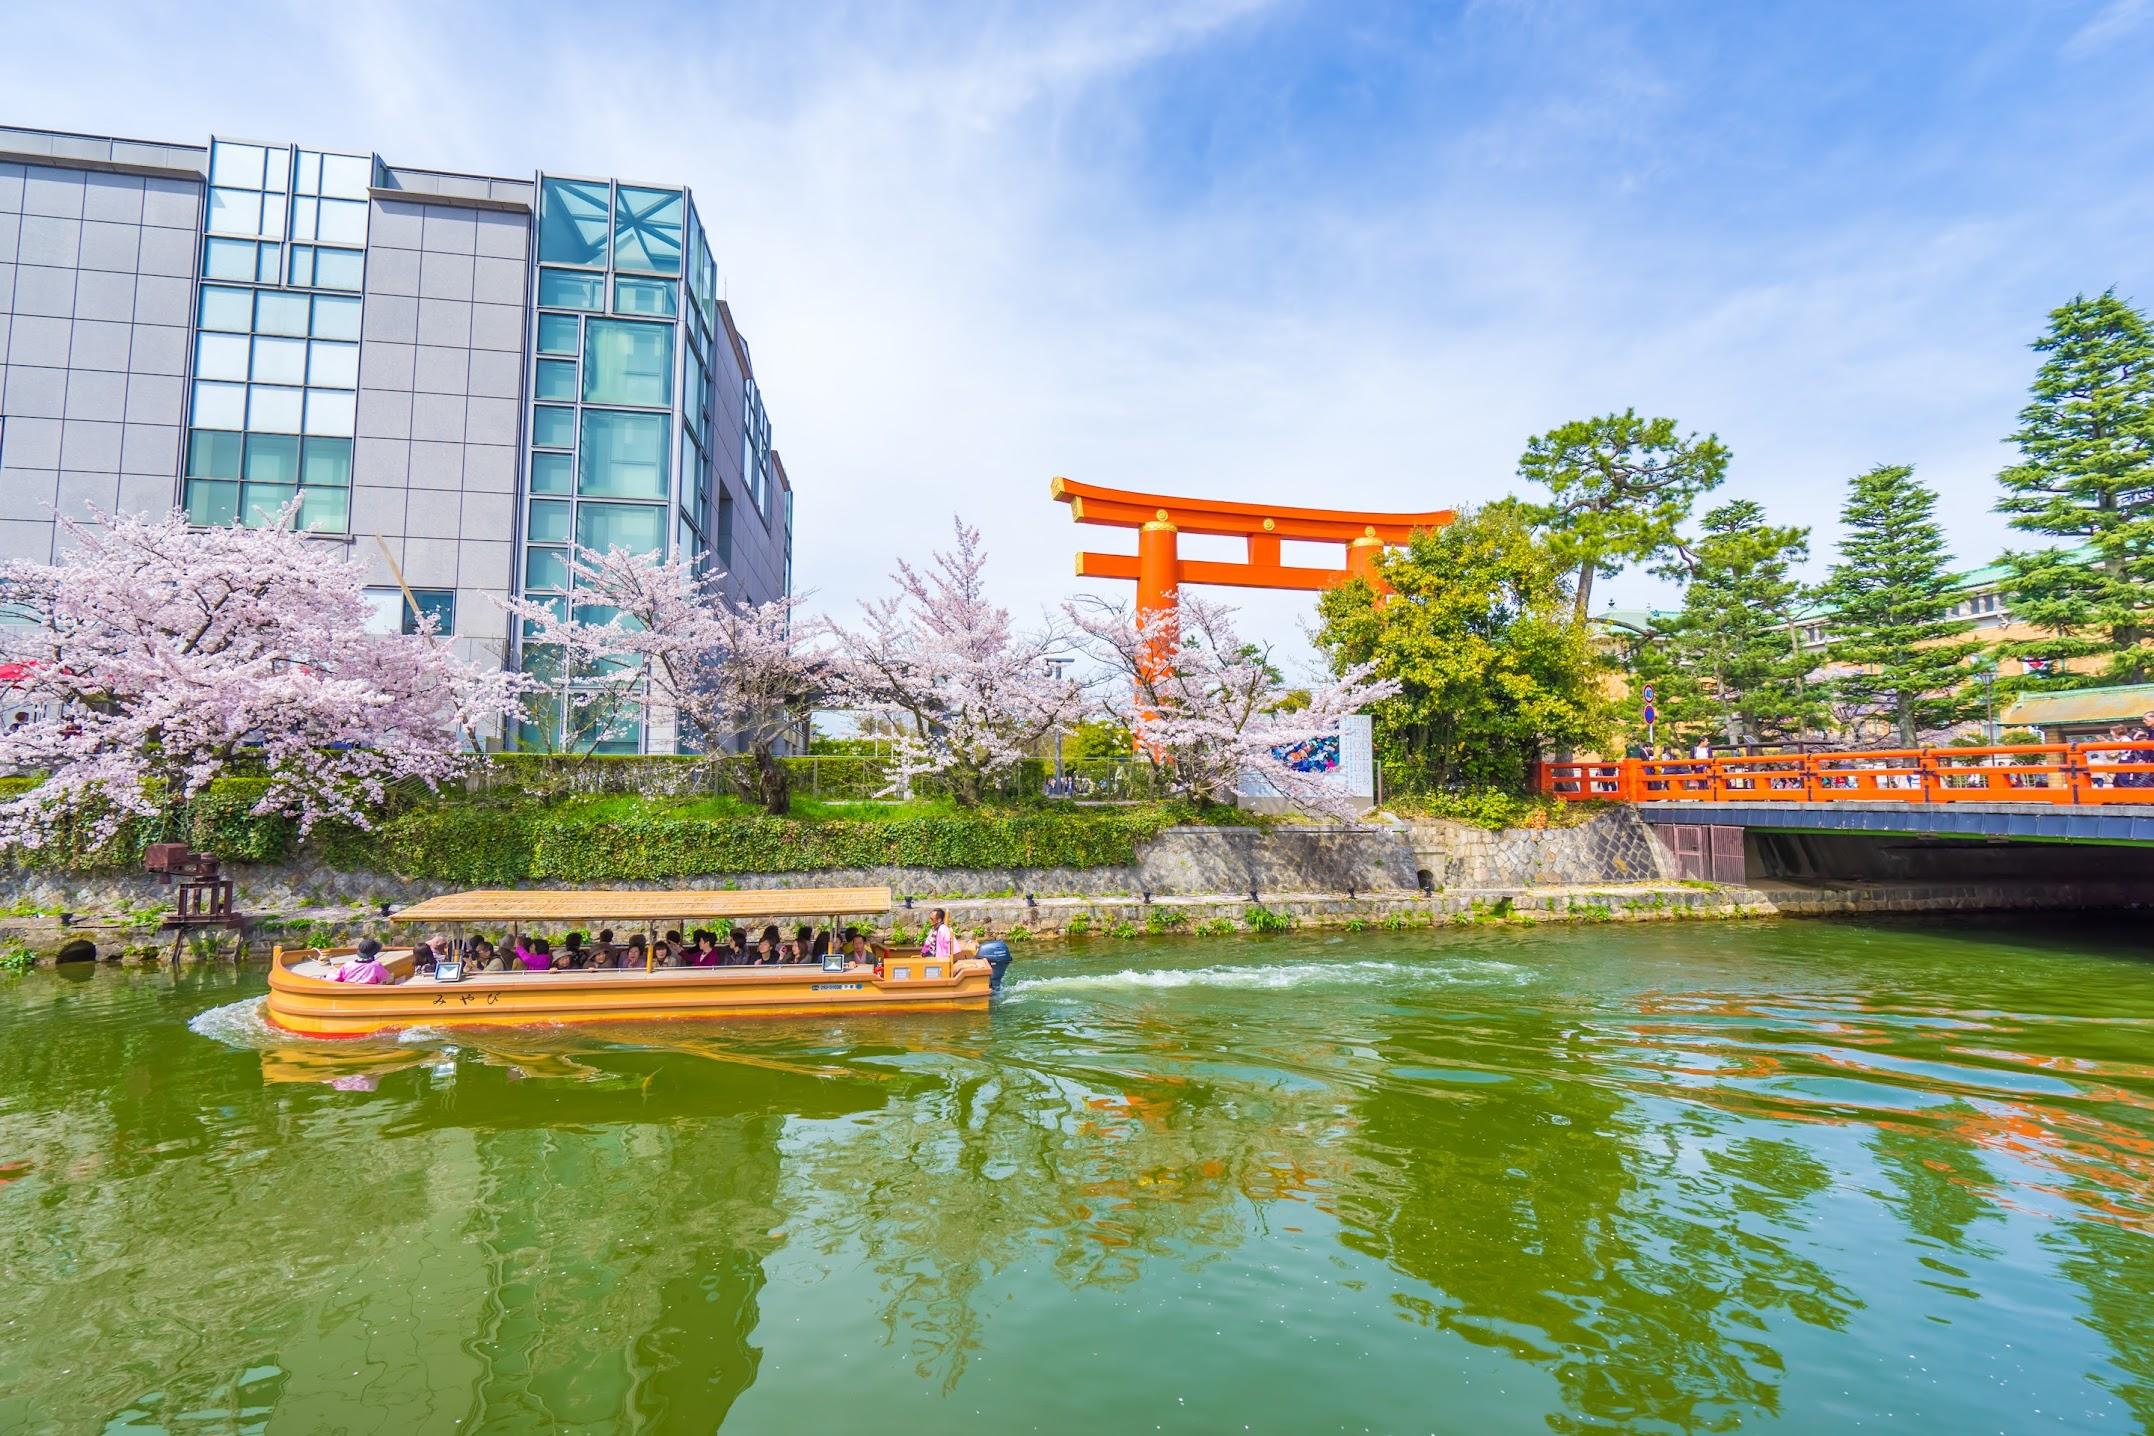 京都 岡崎 琵琶湖疎水 桜1